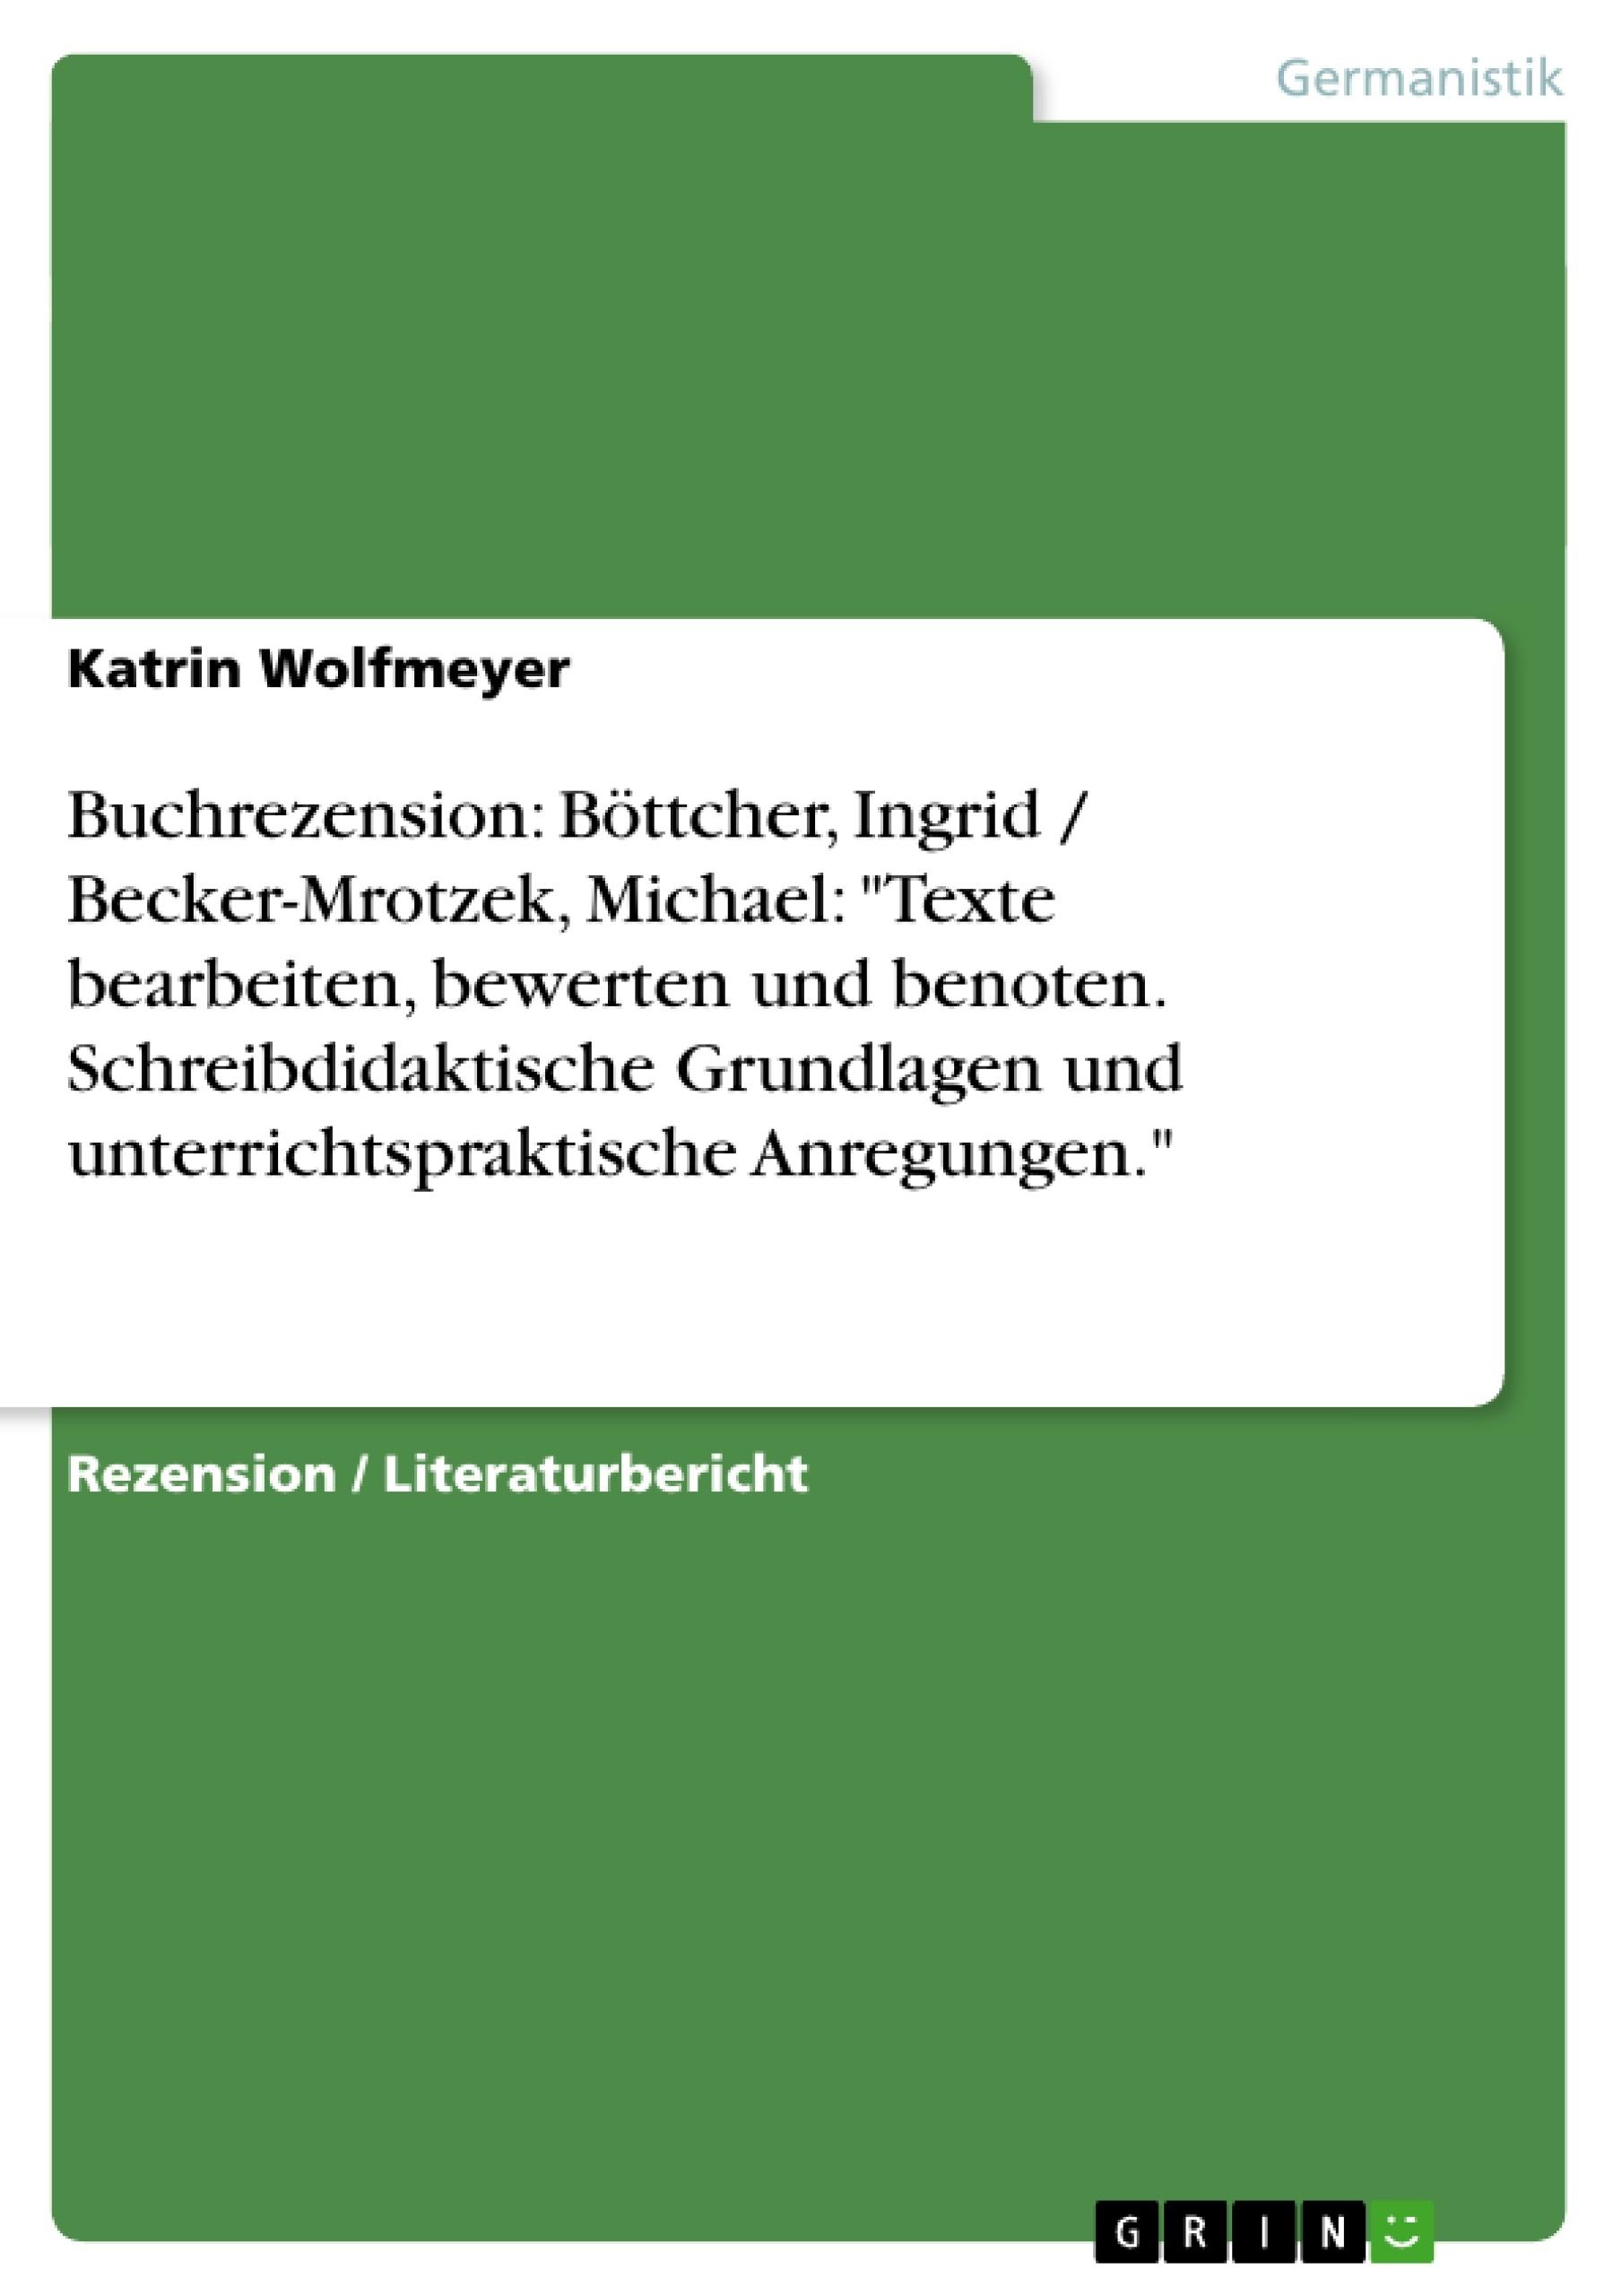 """Titel: Buchrezension: Böttcher, Ingrid / Becker-Mrotzek, Michael: """"Texte bearbeiten, bewerten und benoten. Schreibdidaktische Grundlagen und unterrichtspraktische Anregungen."""""""